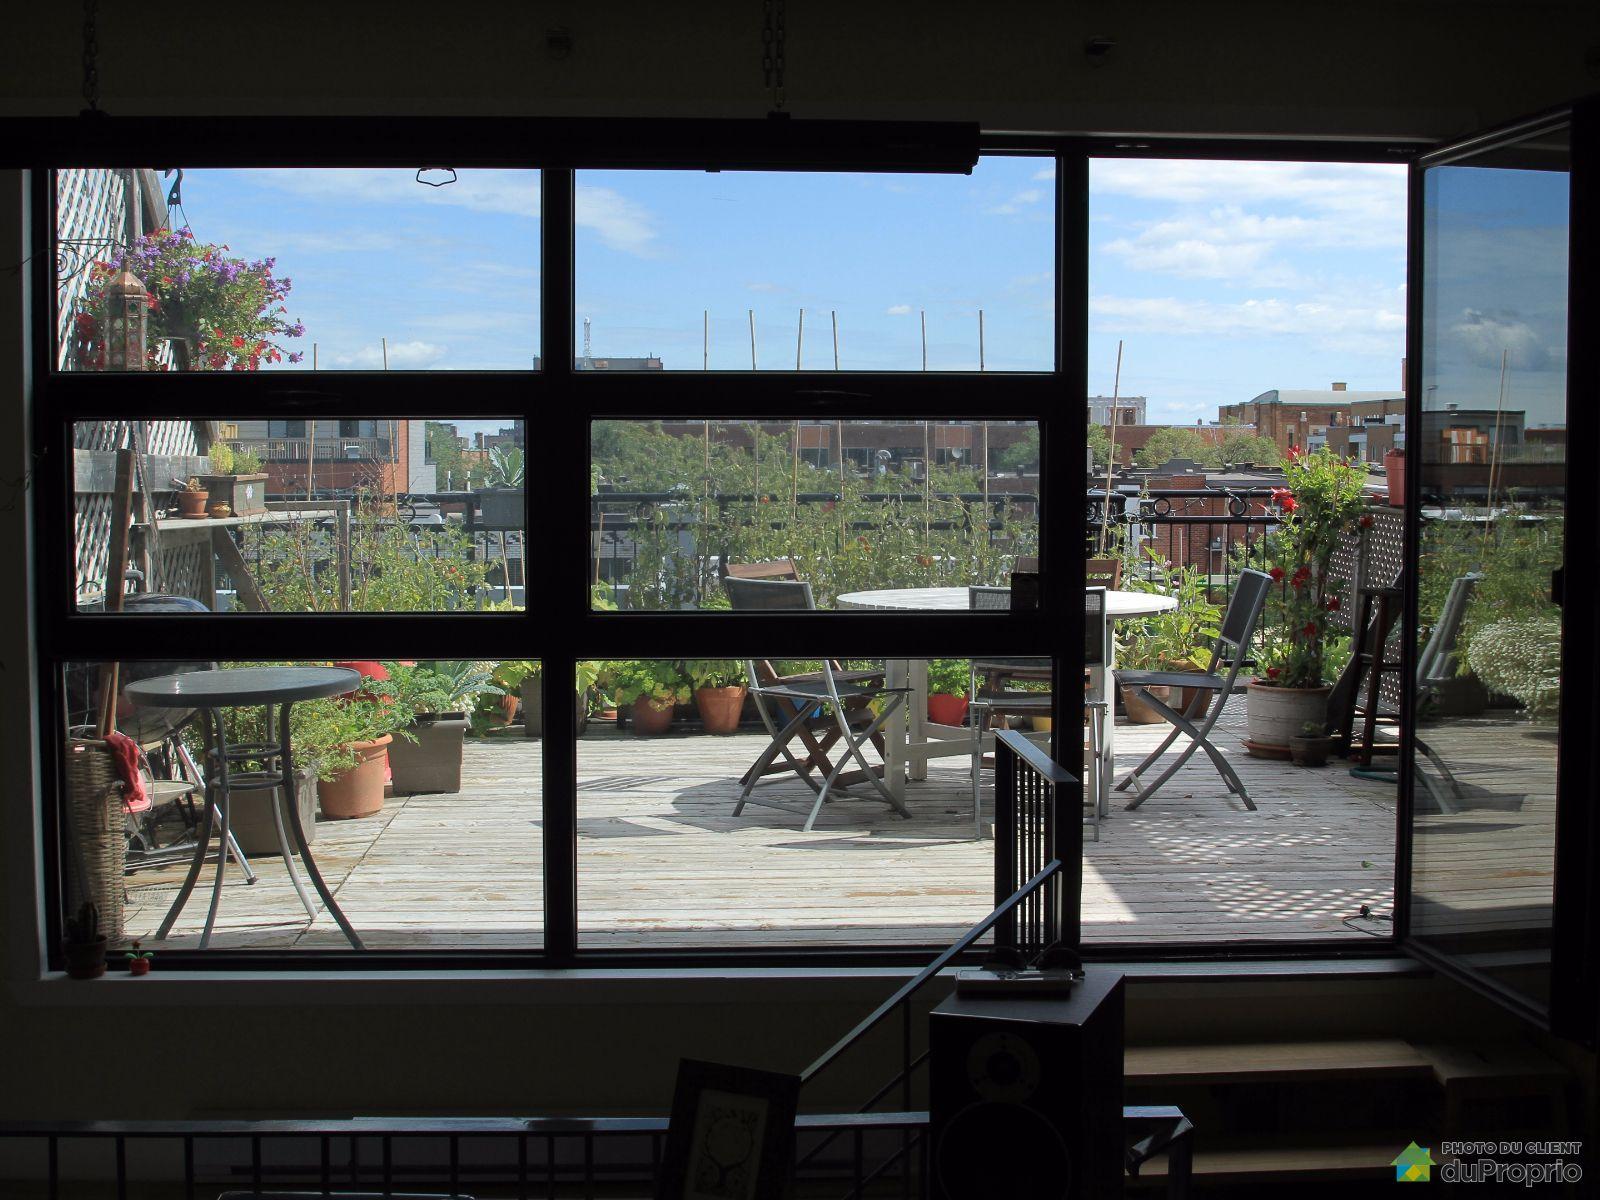 Loft vendre montr al 323 7145 rue saint urbain immobilier qu bec duproprio 686372 - Terrasse piscine montreal rouen ...